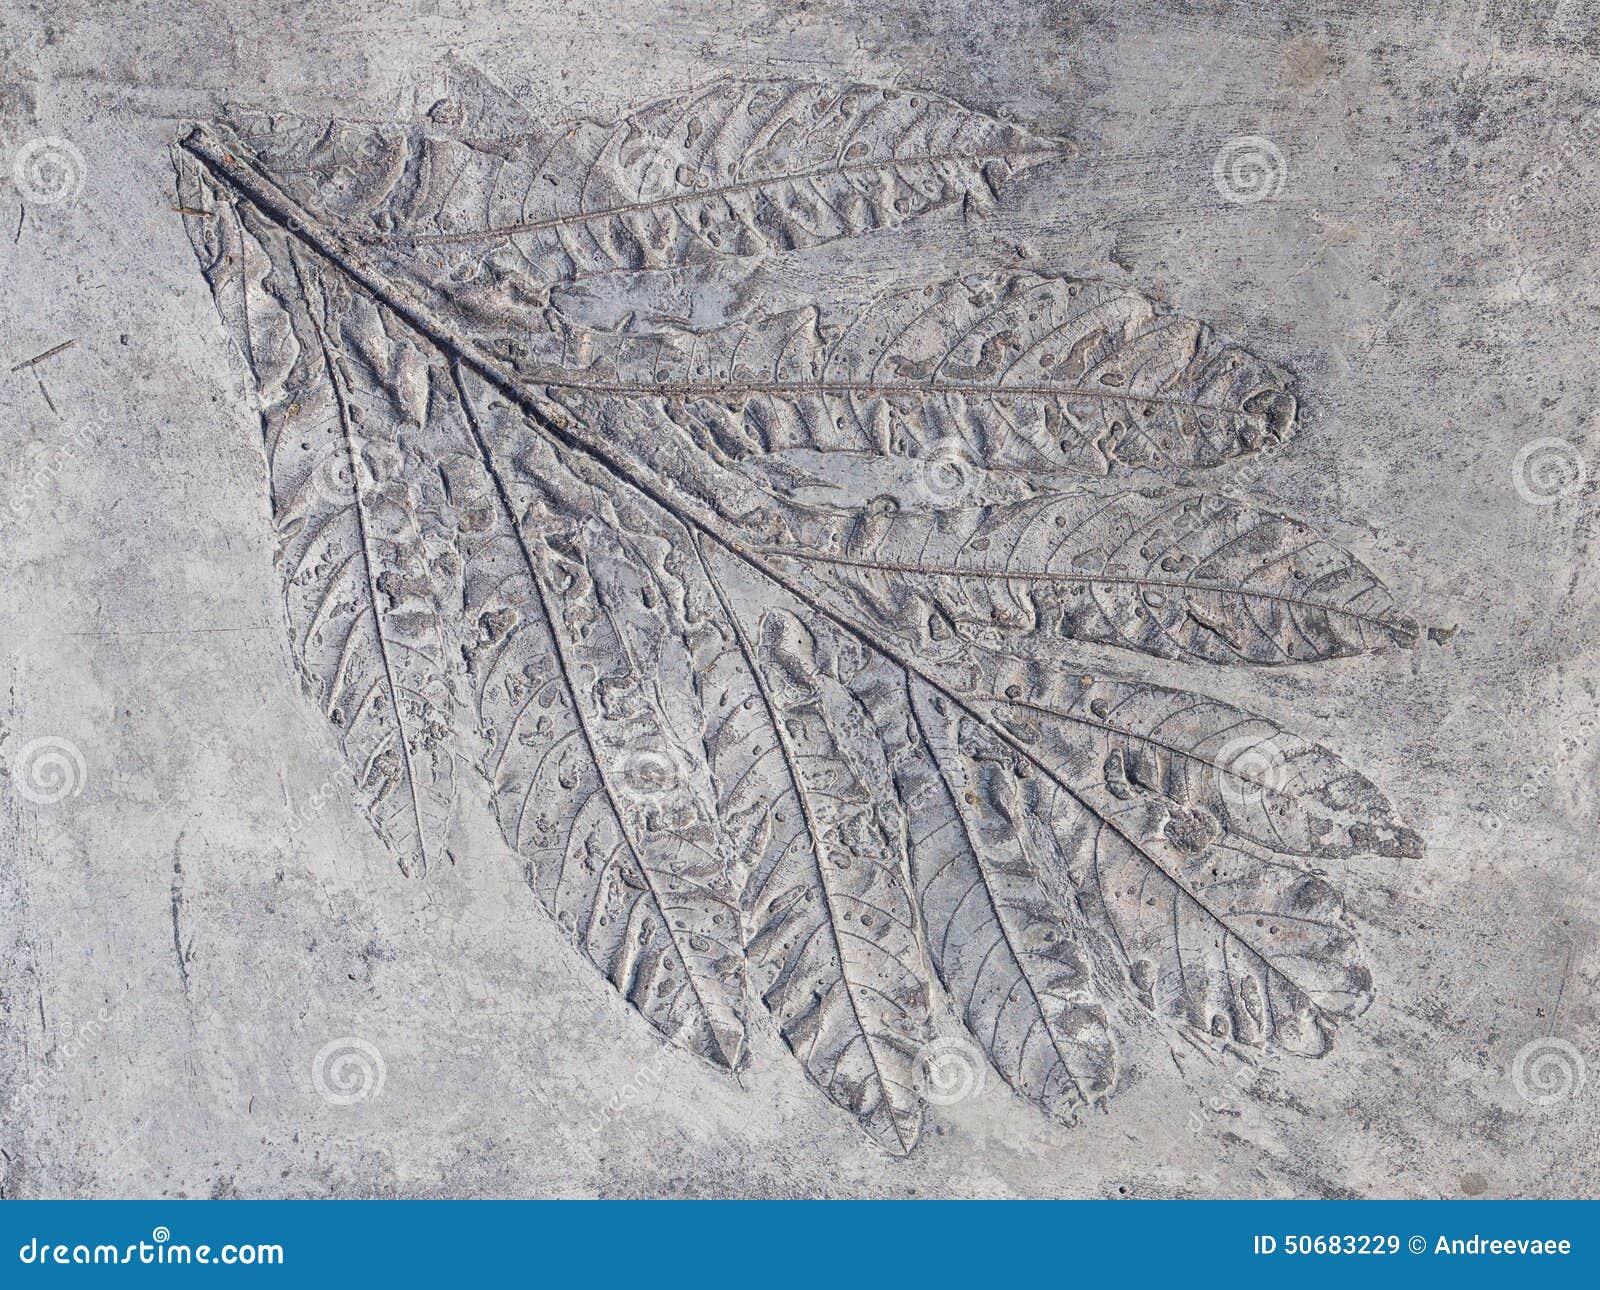 Download 大灰色印刷品植物叶子 库存图片. 图片 包括有 古生物学, 历史记录, 凸面, 古生代, 干燥, 黏土, 作用 - 50683229